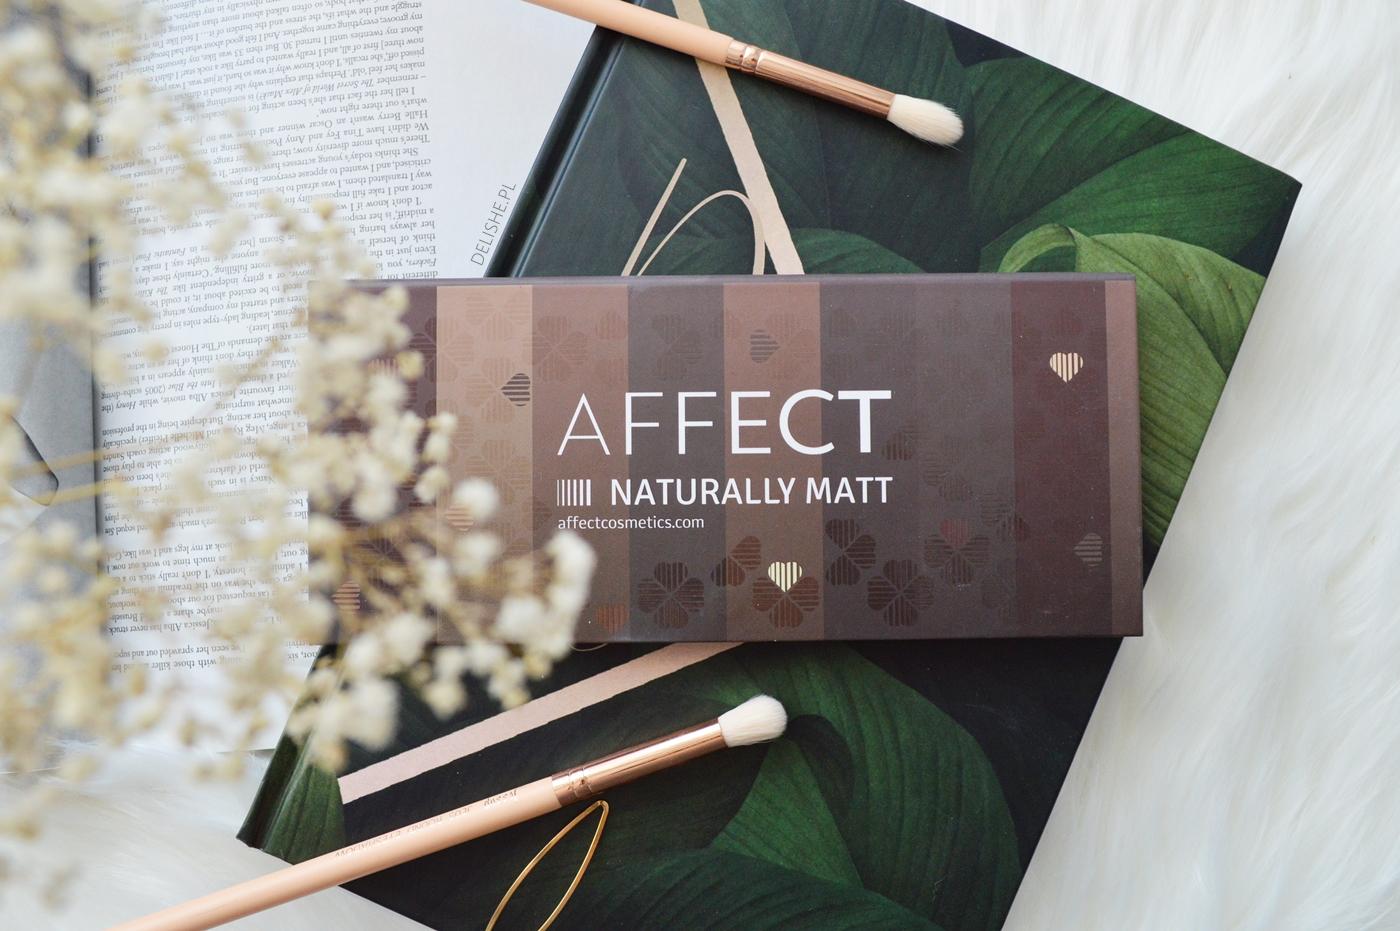 naturally matt affect